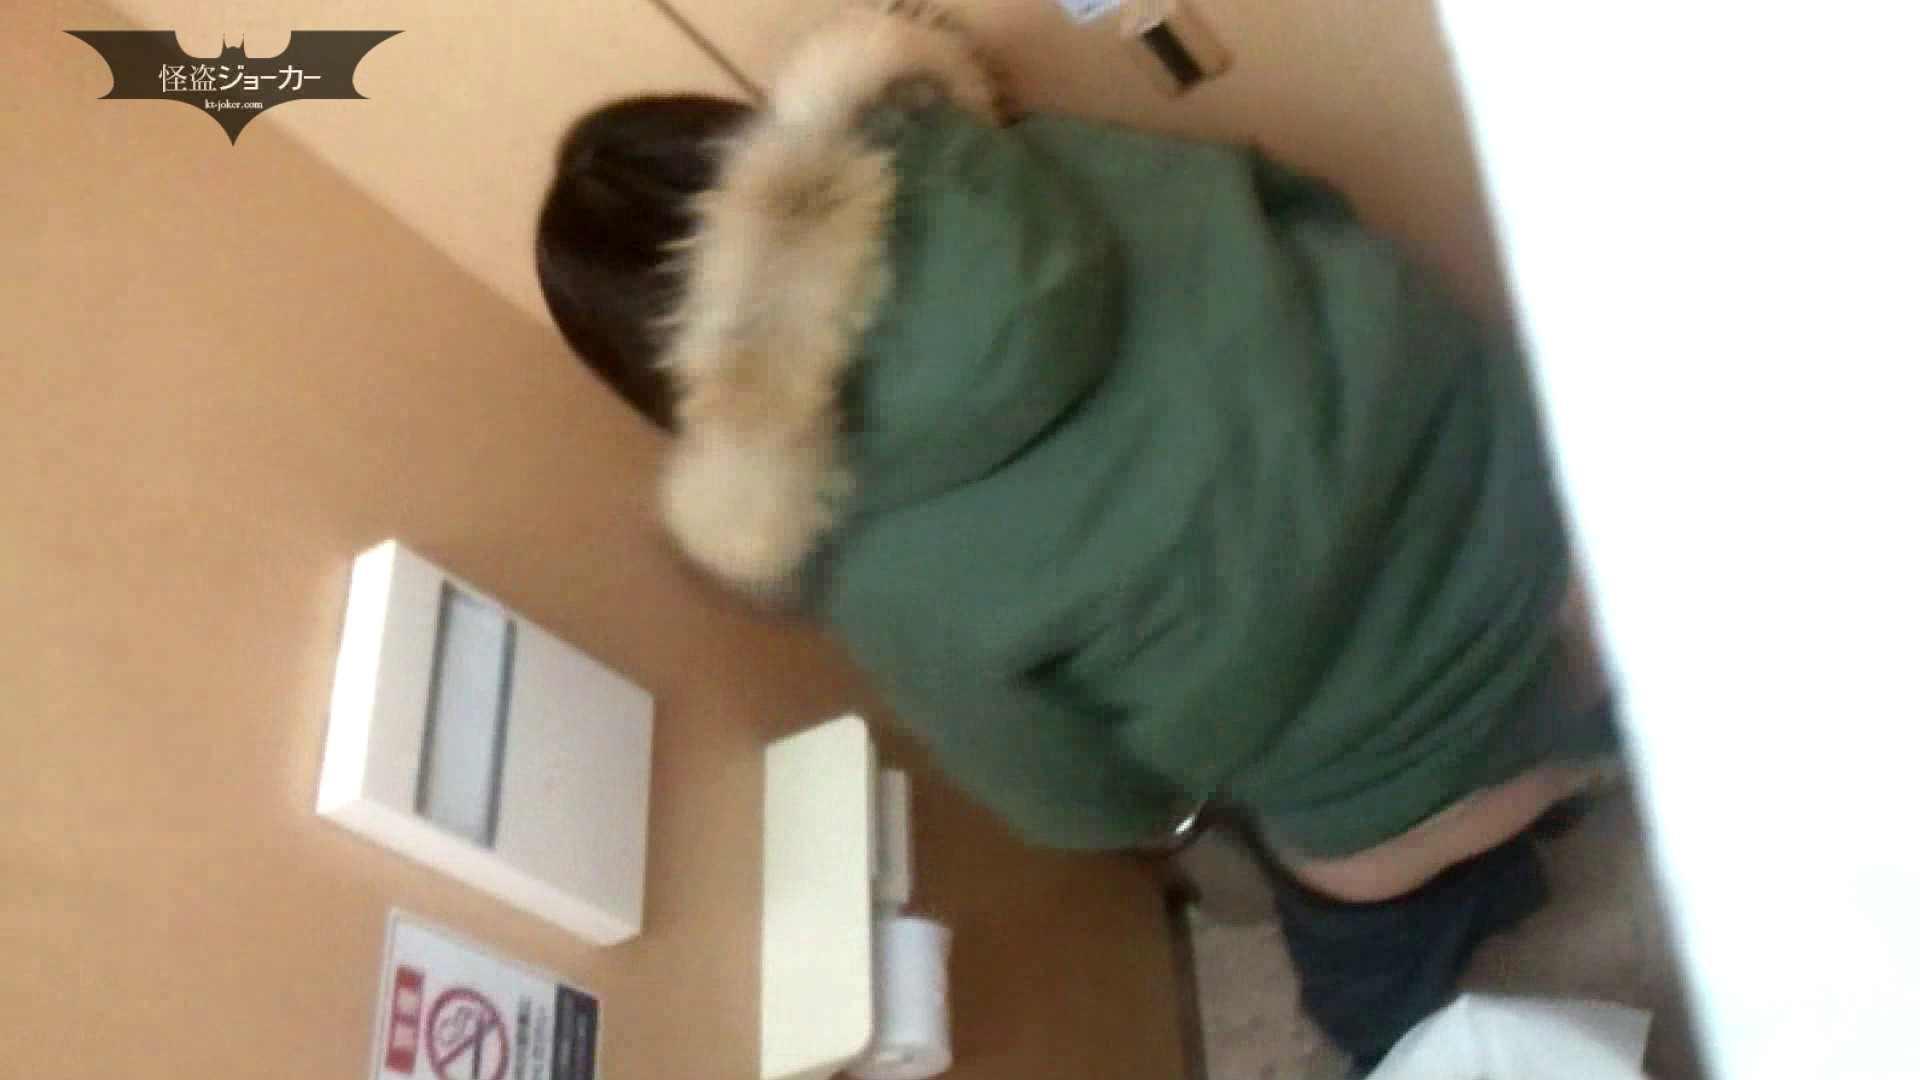 化粧室絵巻 番外編 VOL.18 盛合せ すけべAV動画紹介 93画像 20